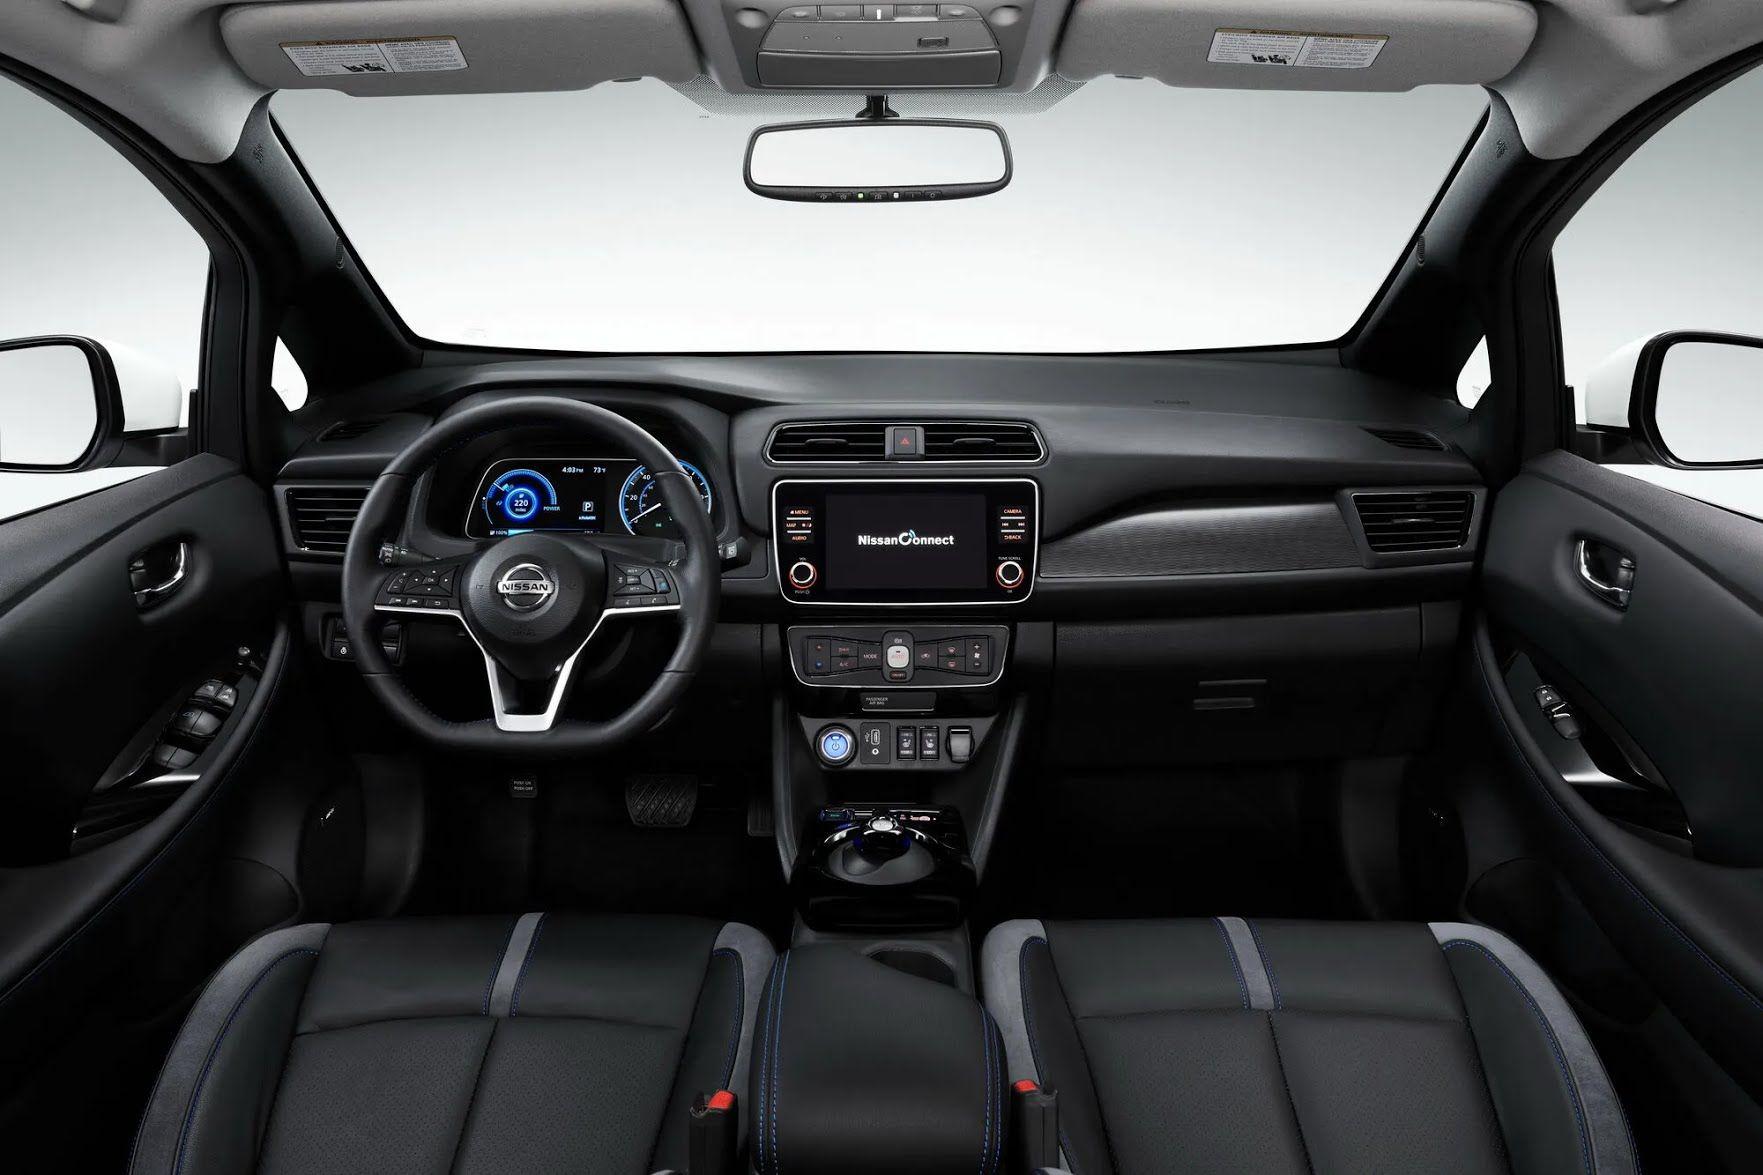 Мультимедийная система NissanConnect с 8-дюймовым сенсорным экраном поддерживает Apple Car Play и Android Auto